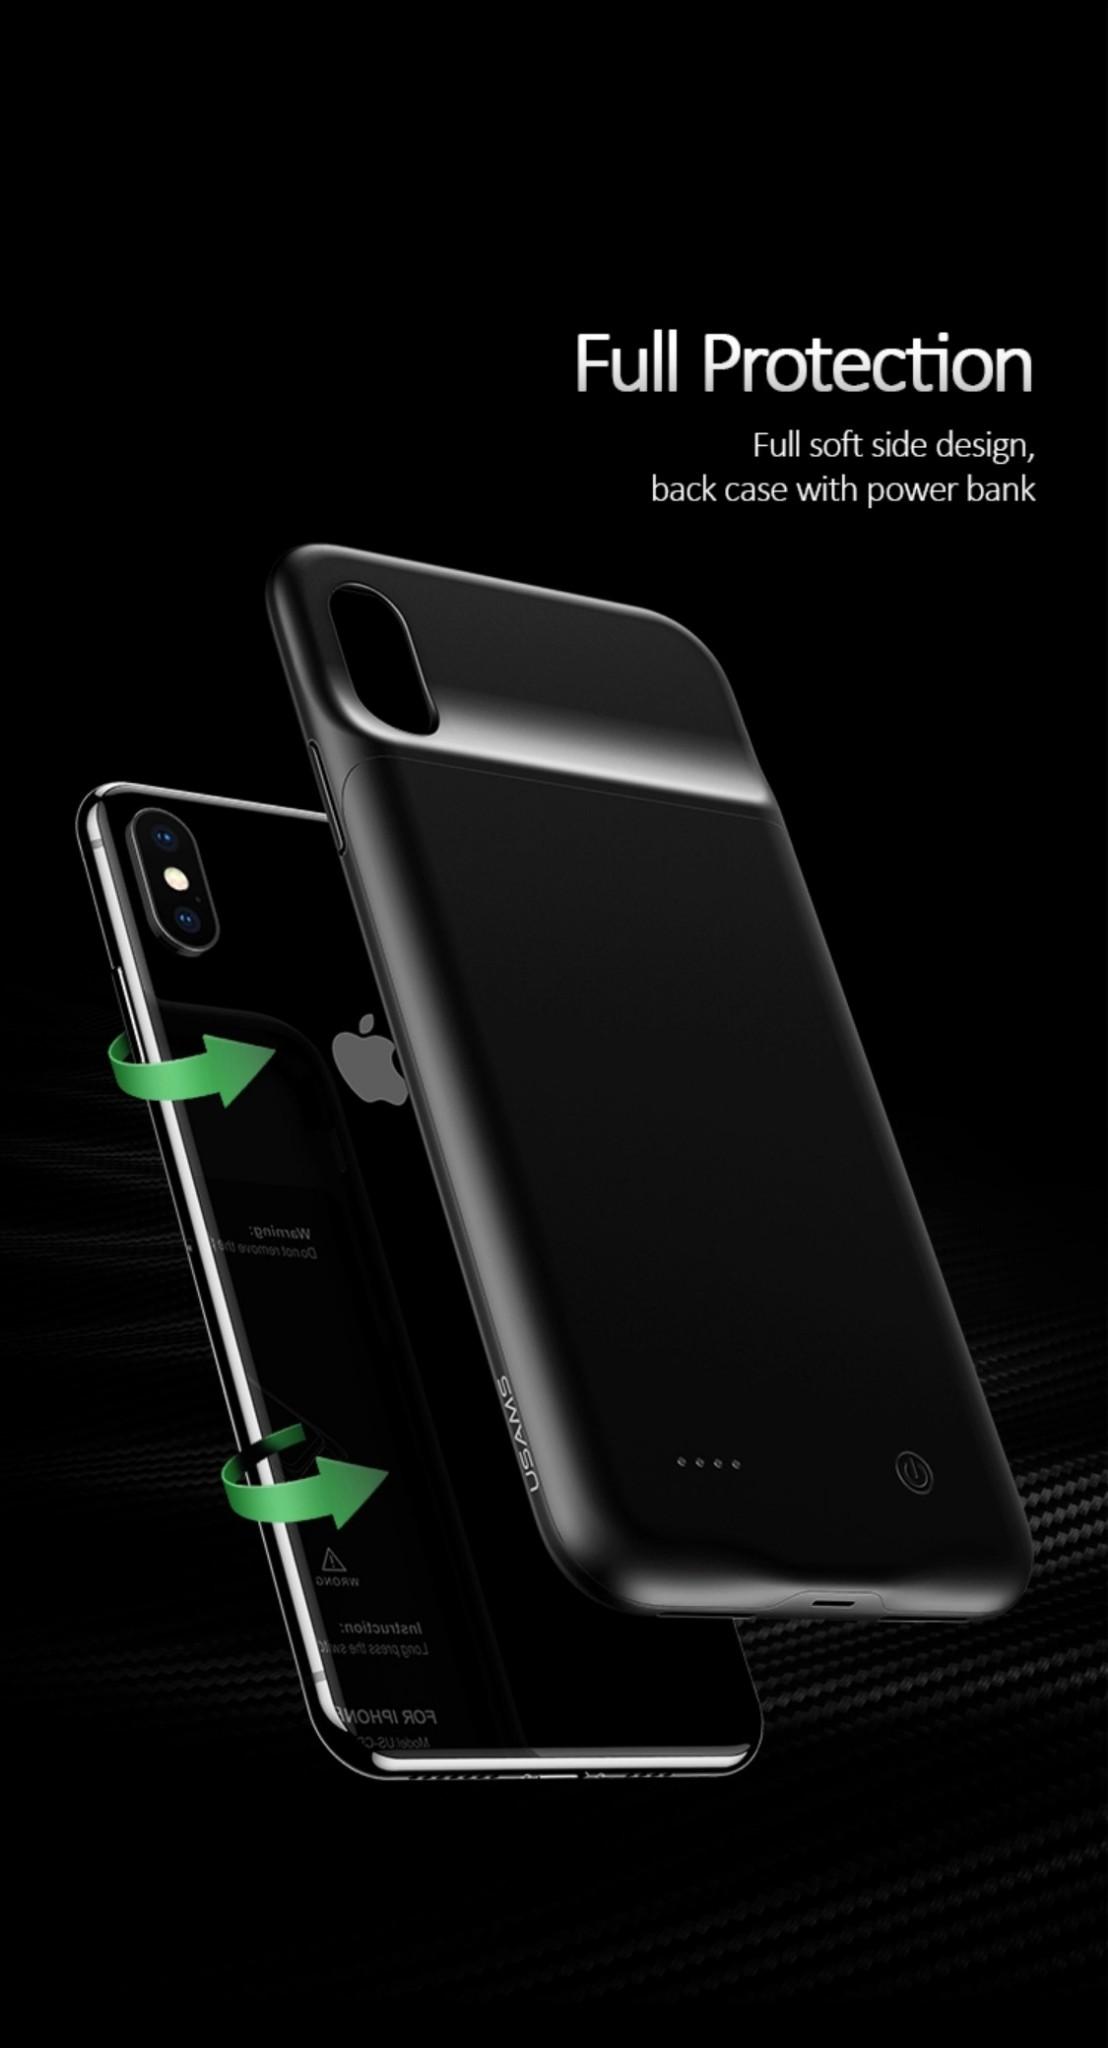 Ốp lưng tích hợp pin sạc dự phòng 4000mAh cho iPhone XR USAMS US-CD68